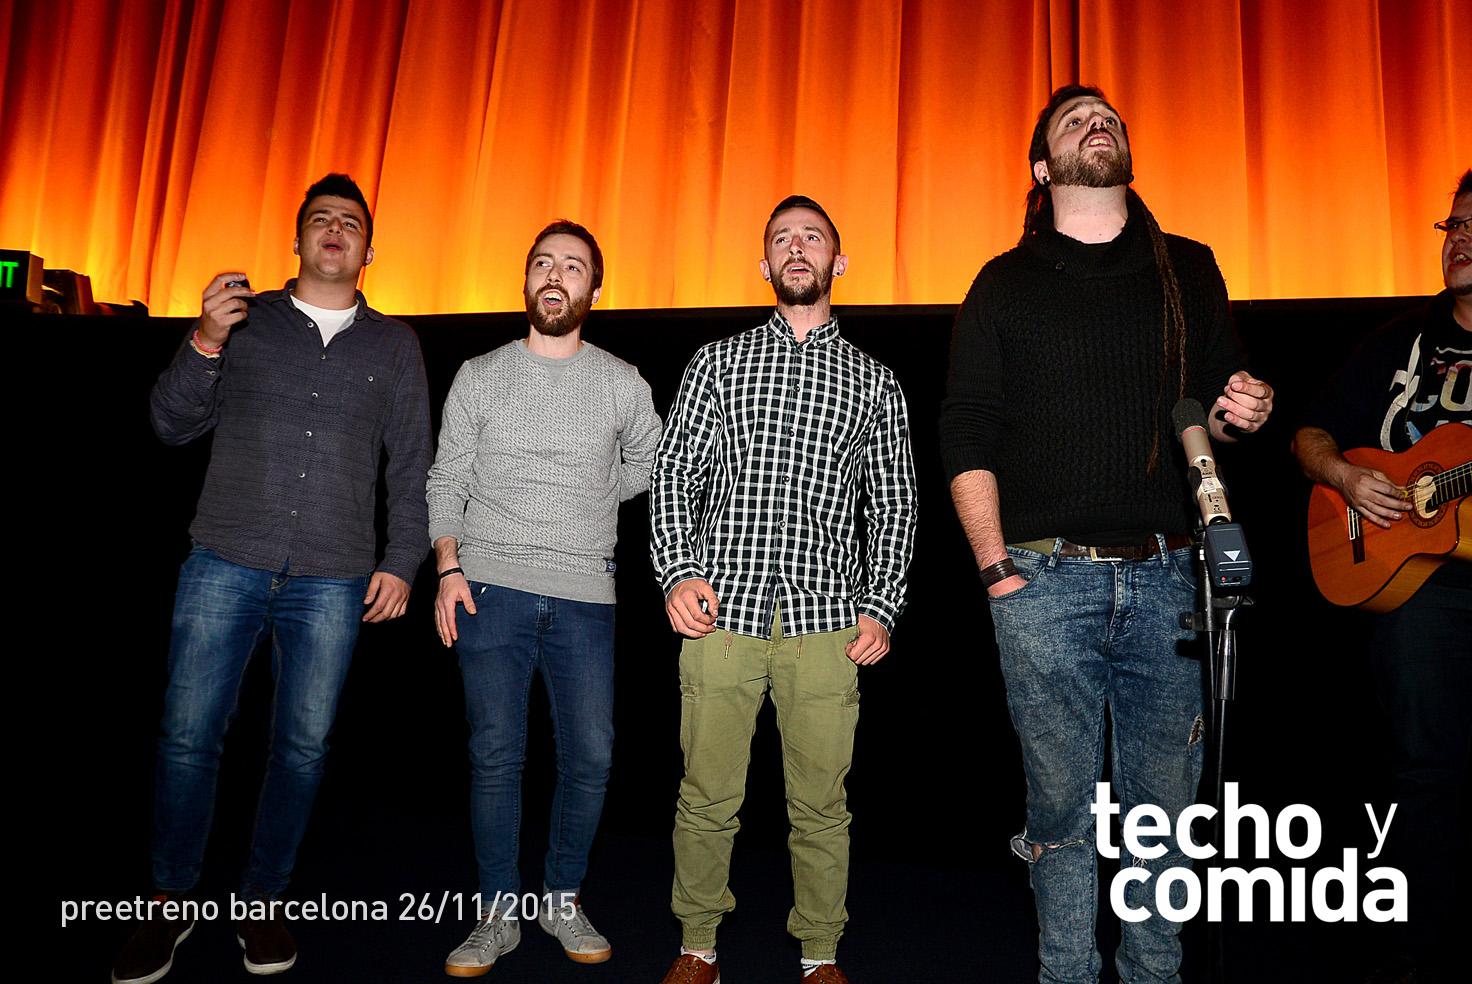 Barcelona_016_Techo y comida